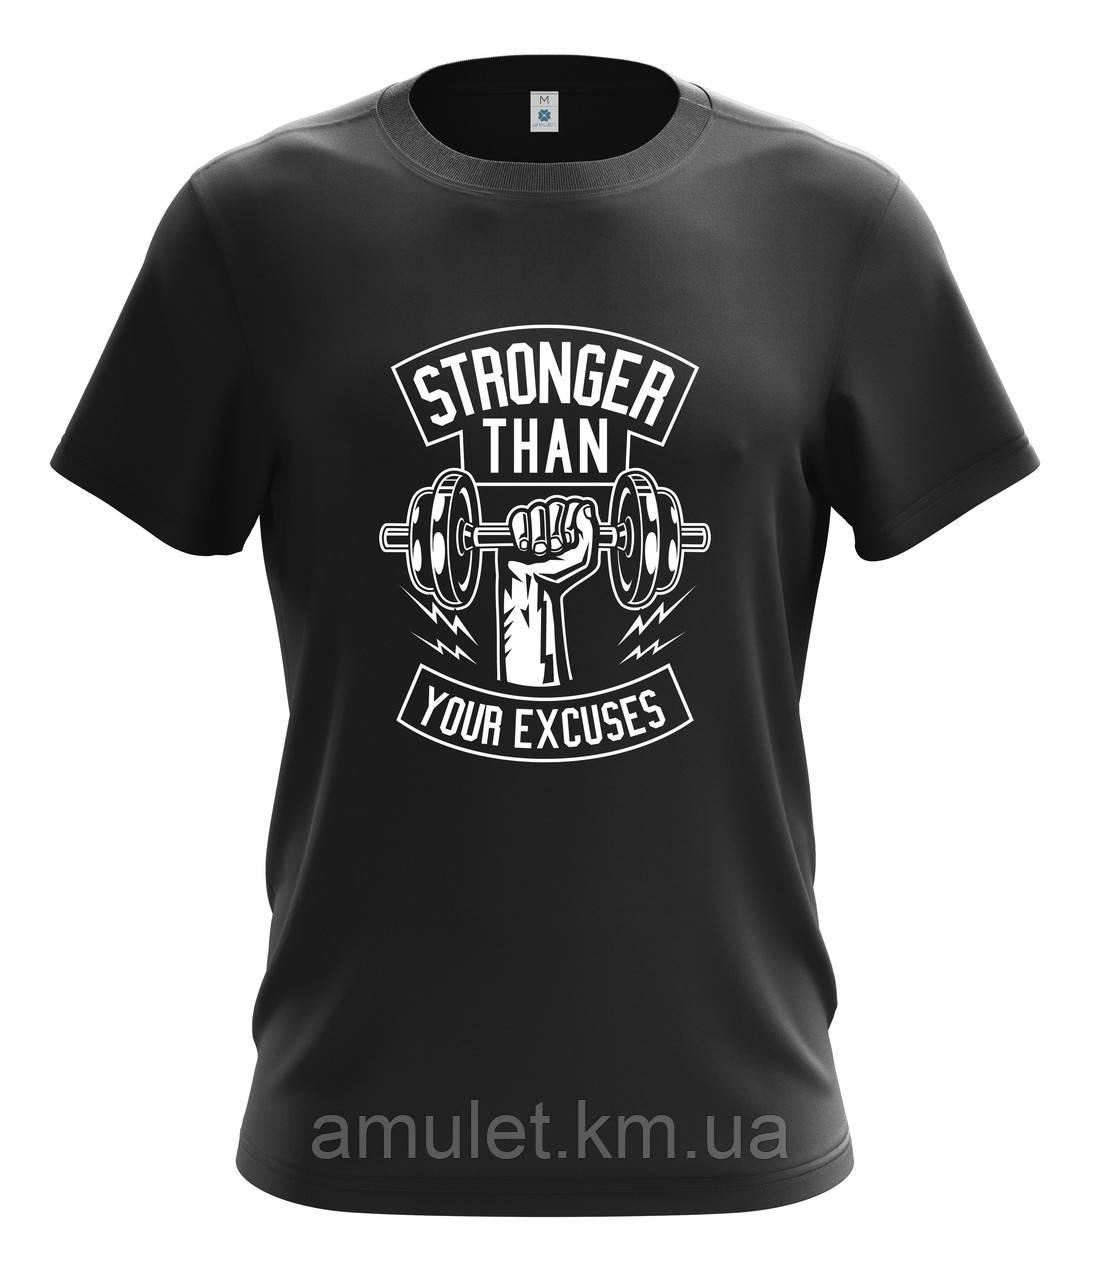 """Футболка чоловіча """"Stronger in GYM"""" Чорний, XL"""